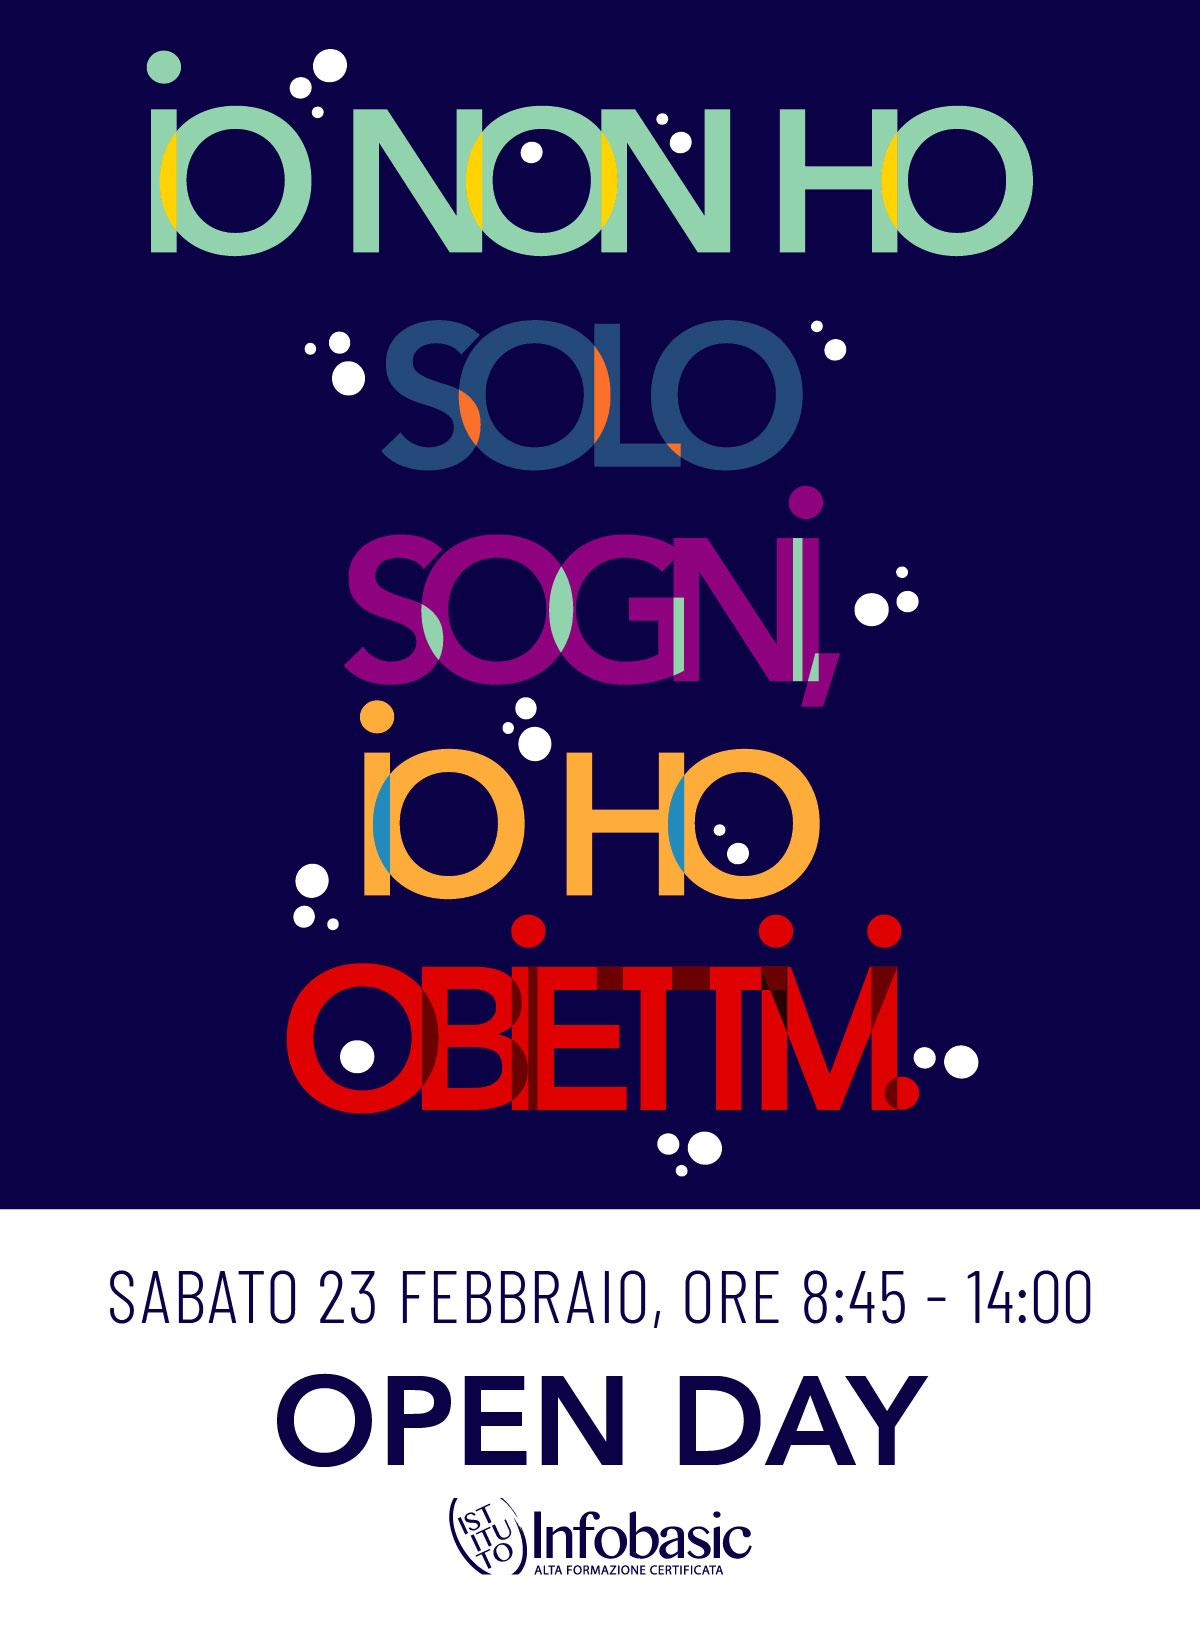 Pescara : Open day 23 febbraio 2019 - Per chi non ha solo sogni, ma obiettivi!